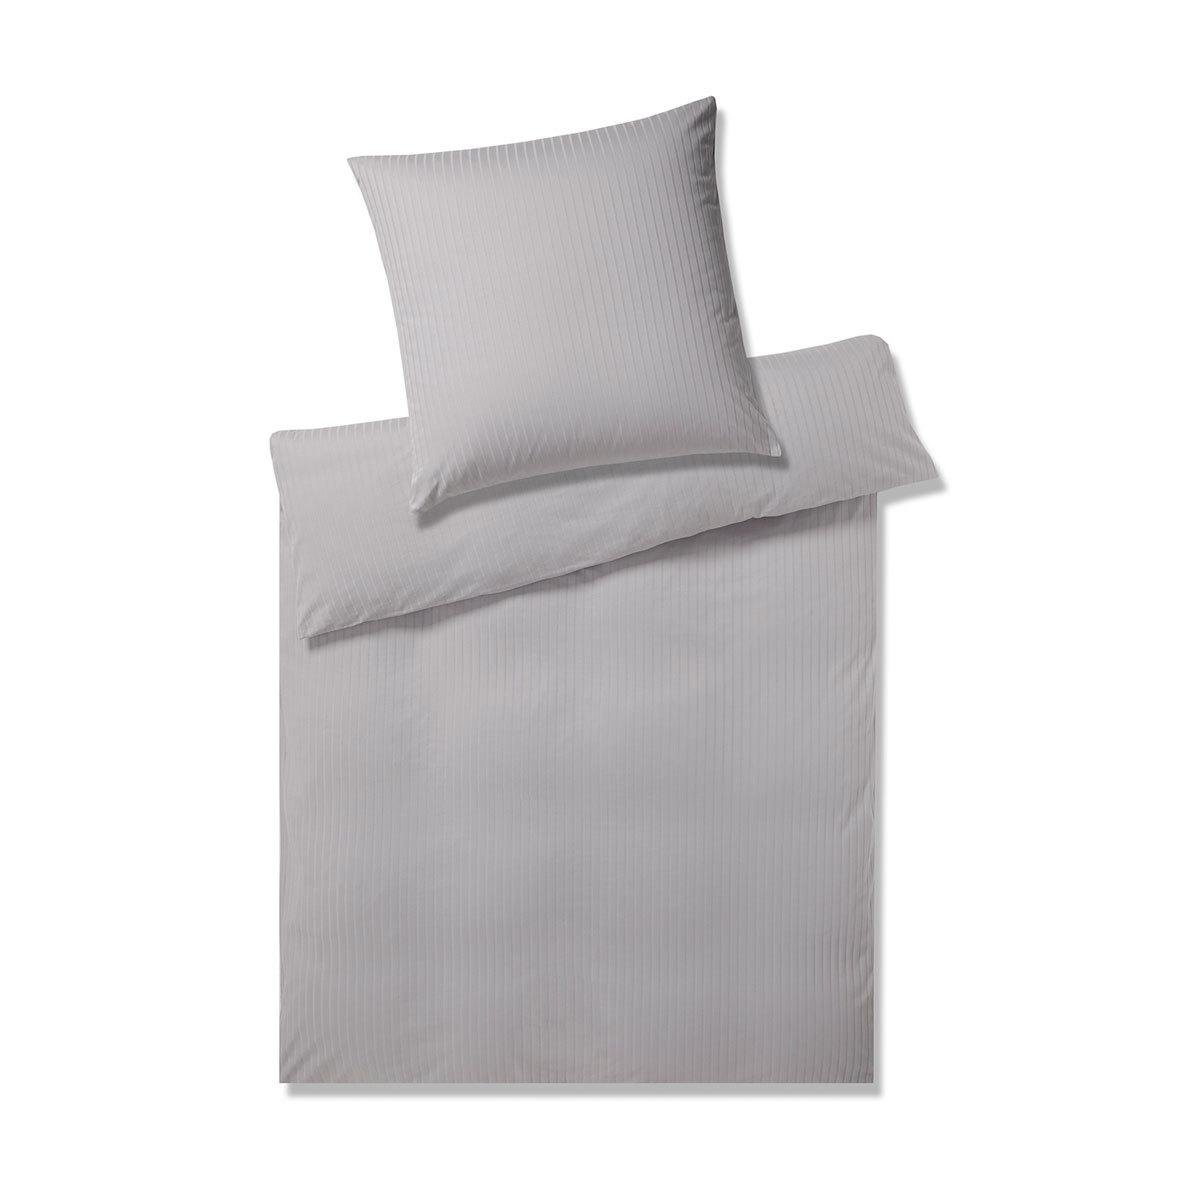 Elegante Jersey Bettwäsche Solid Stripe Greige Günstig Online Kaufen